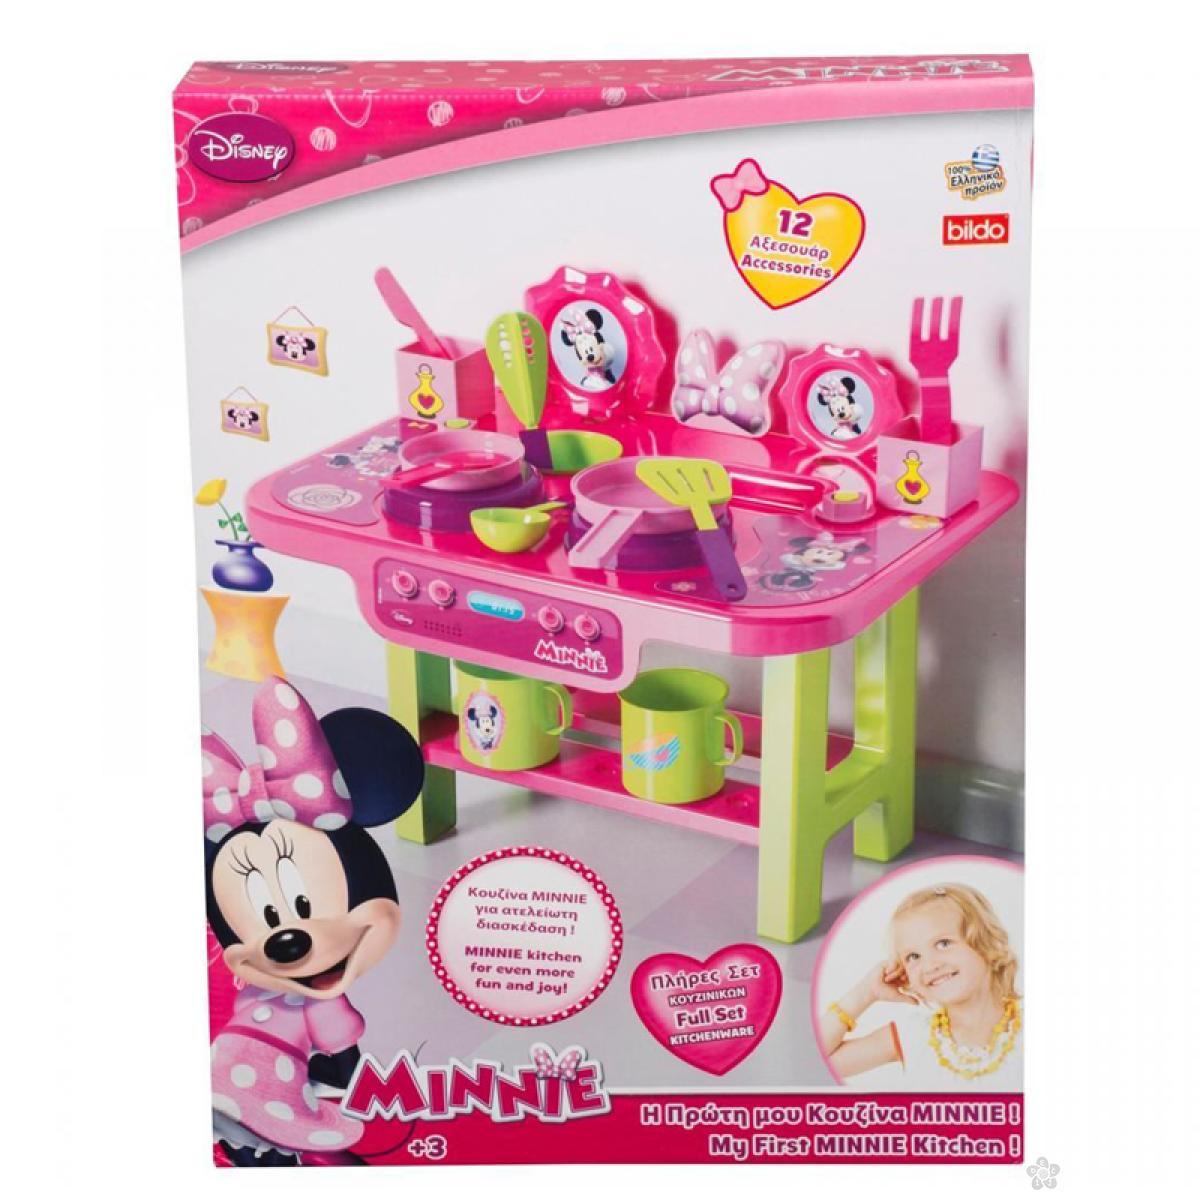 Kuhinja Minnie mala 04/8412